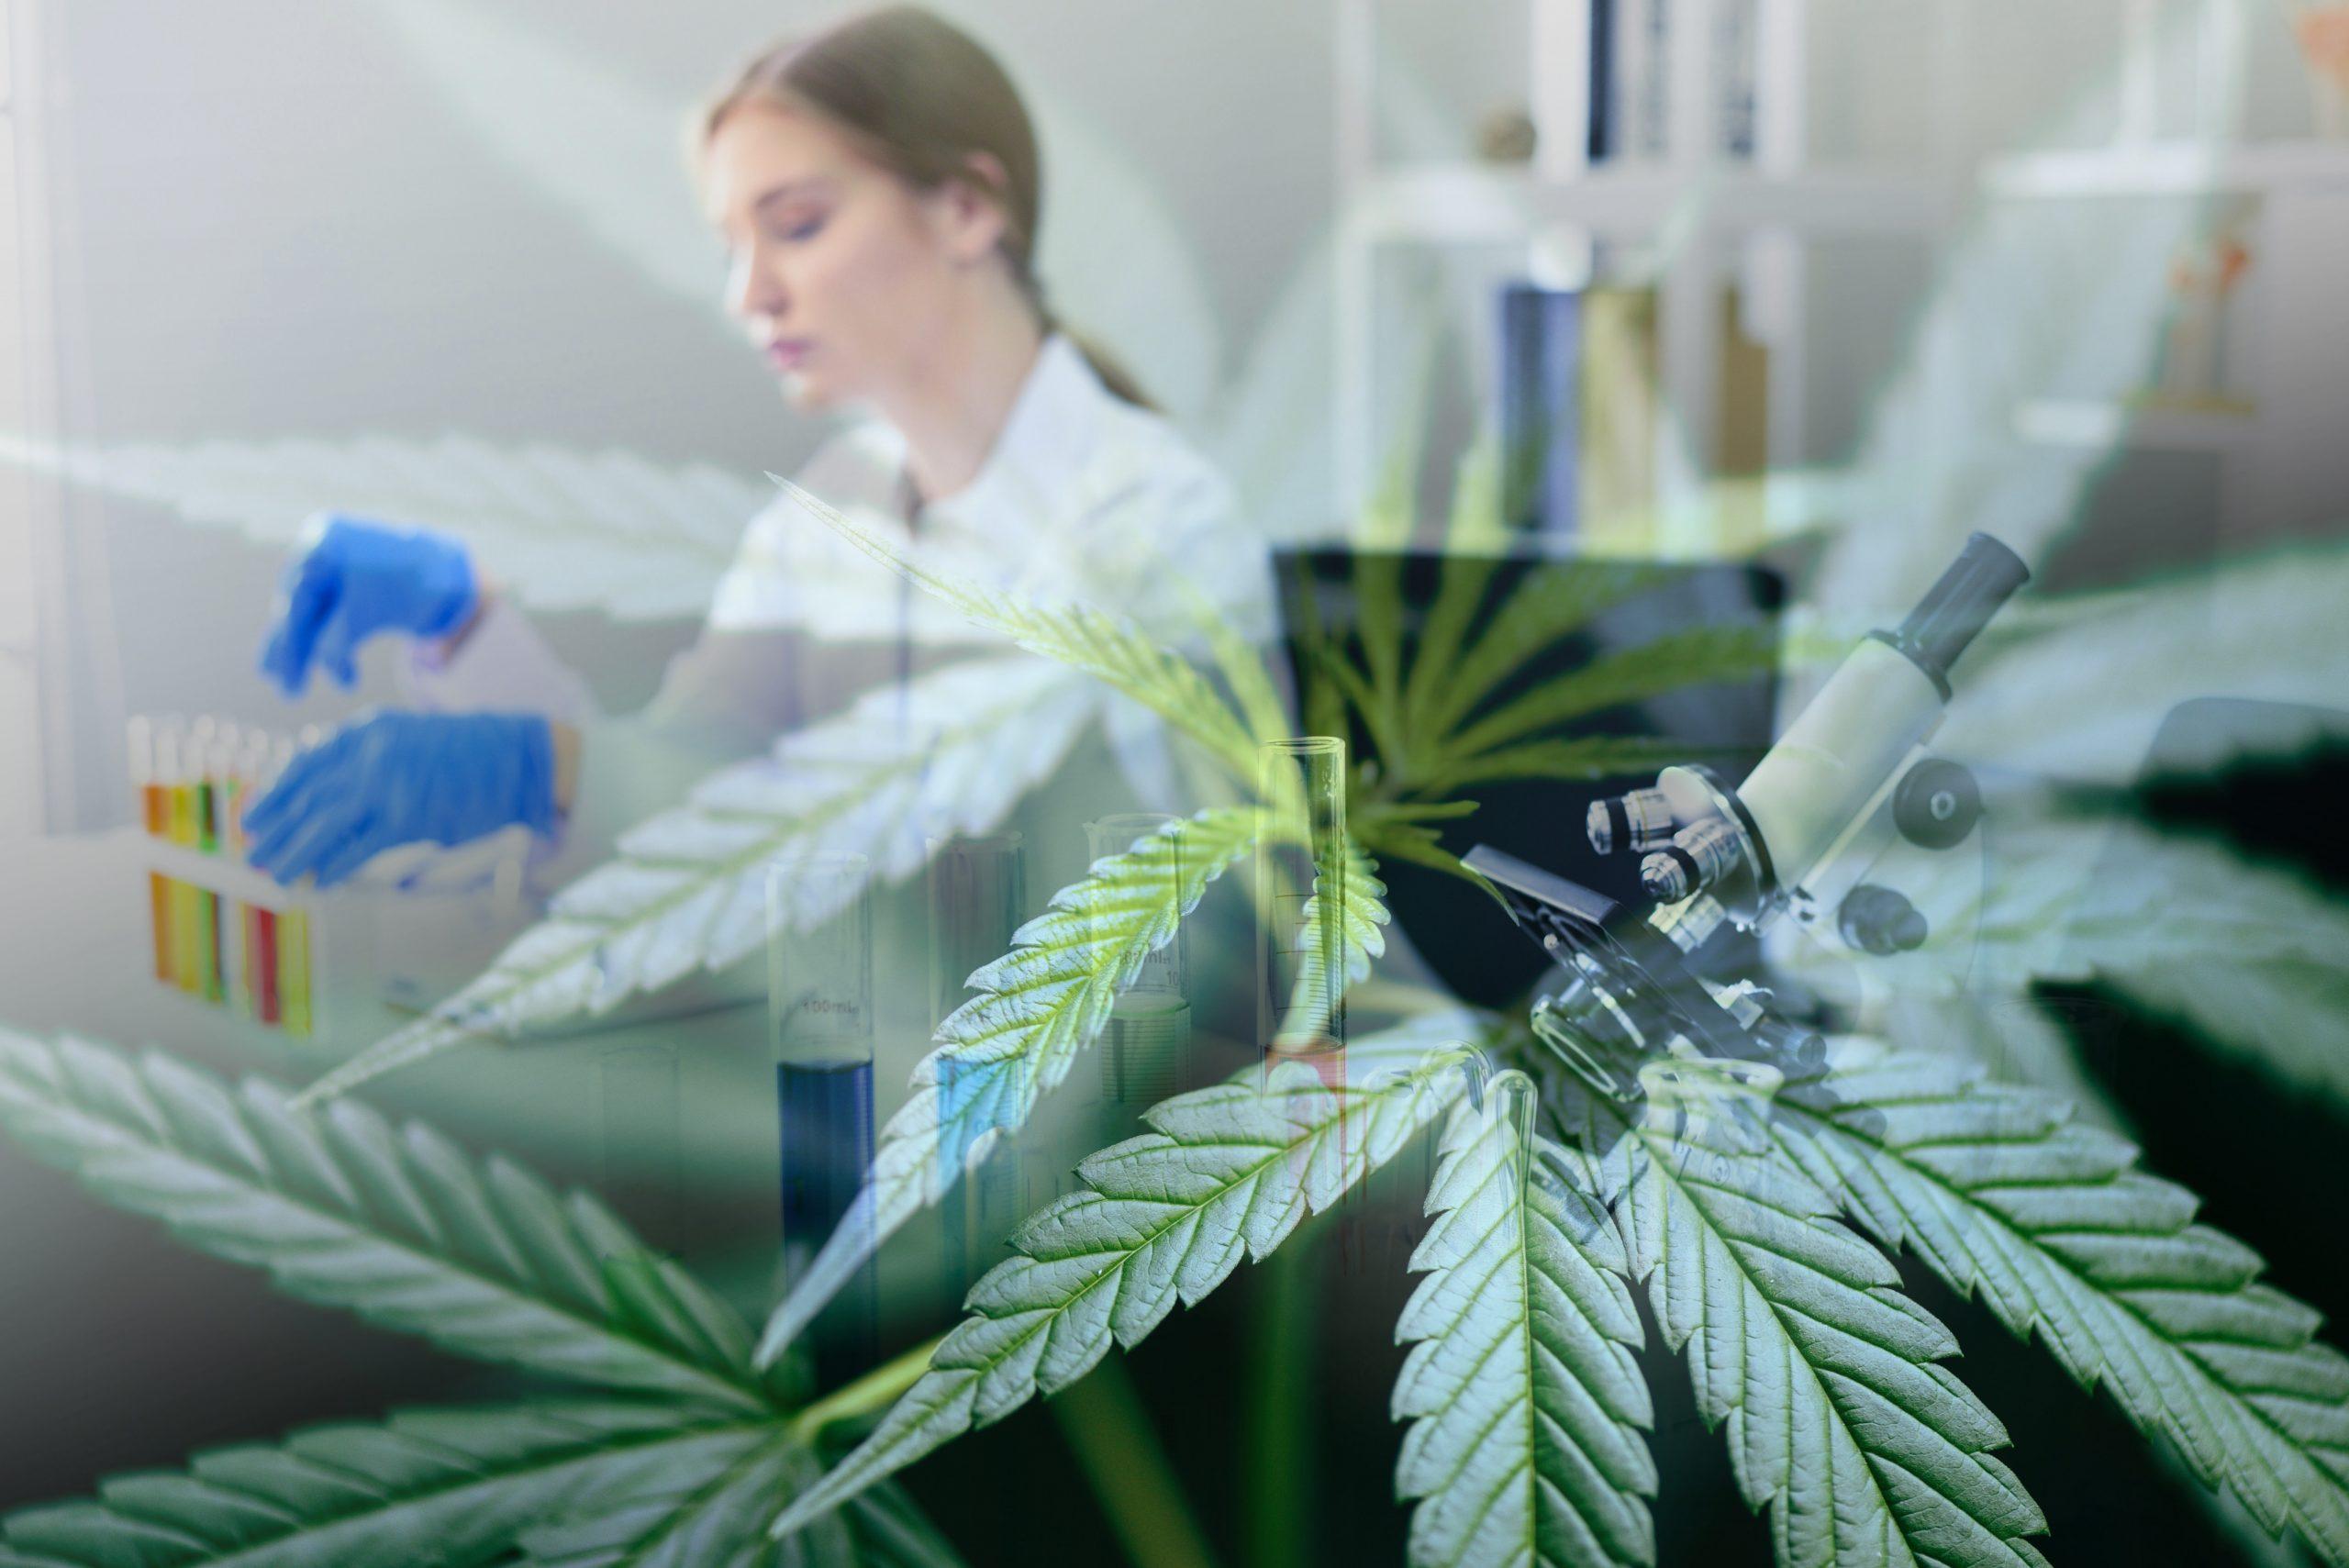 NACPT Cannabis Head of R&D: Cannabis Tissue Culture And Bio-Technology Formulation